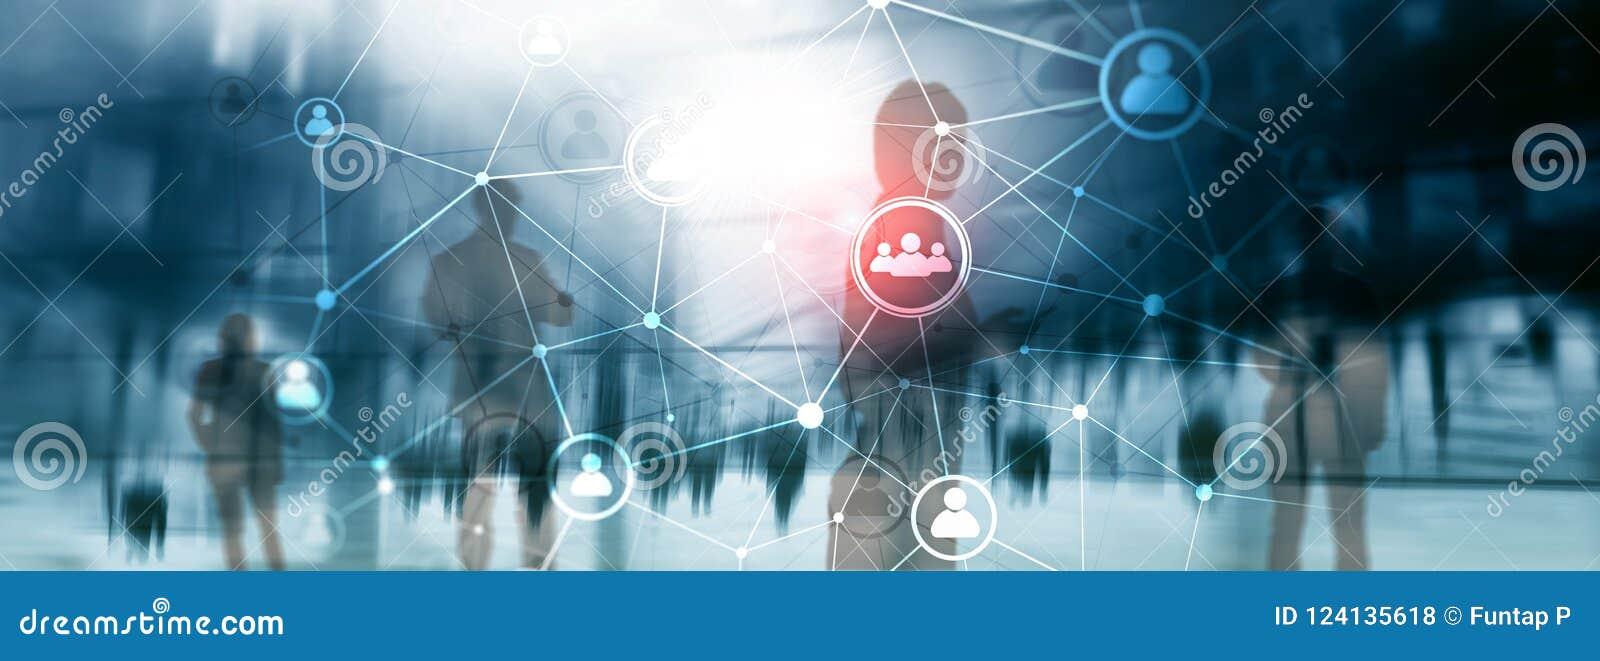 Doppelbelichtungsleutenetz structureà ¾ à ¾ Stunde - Personalwesen Management und Einstellungskonzept